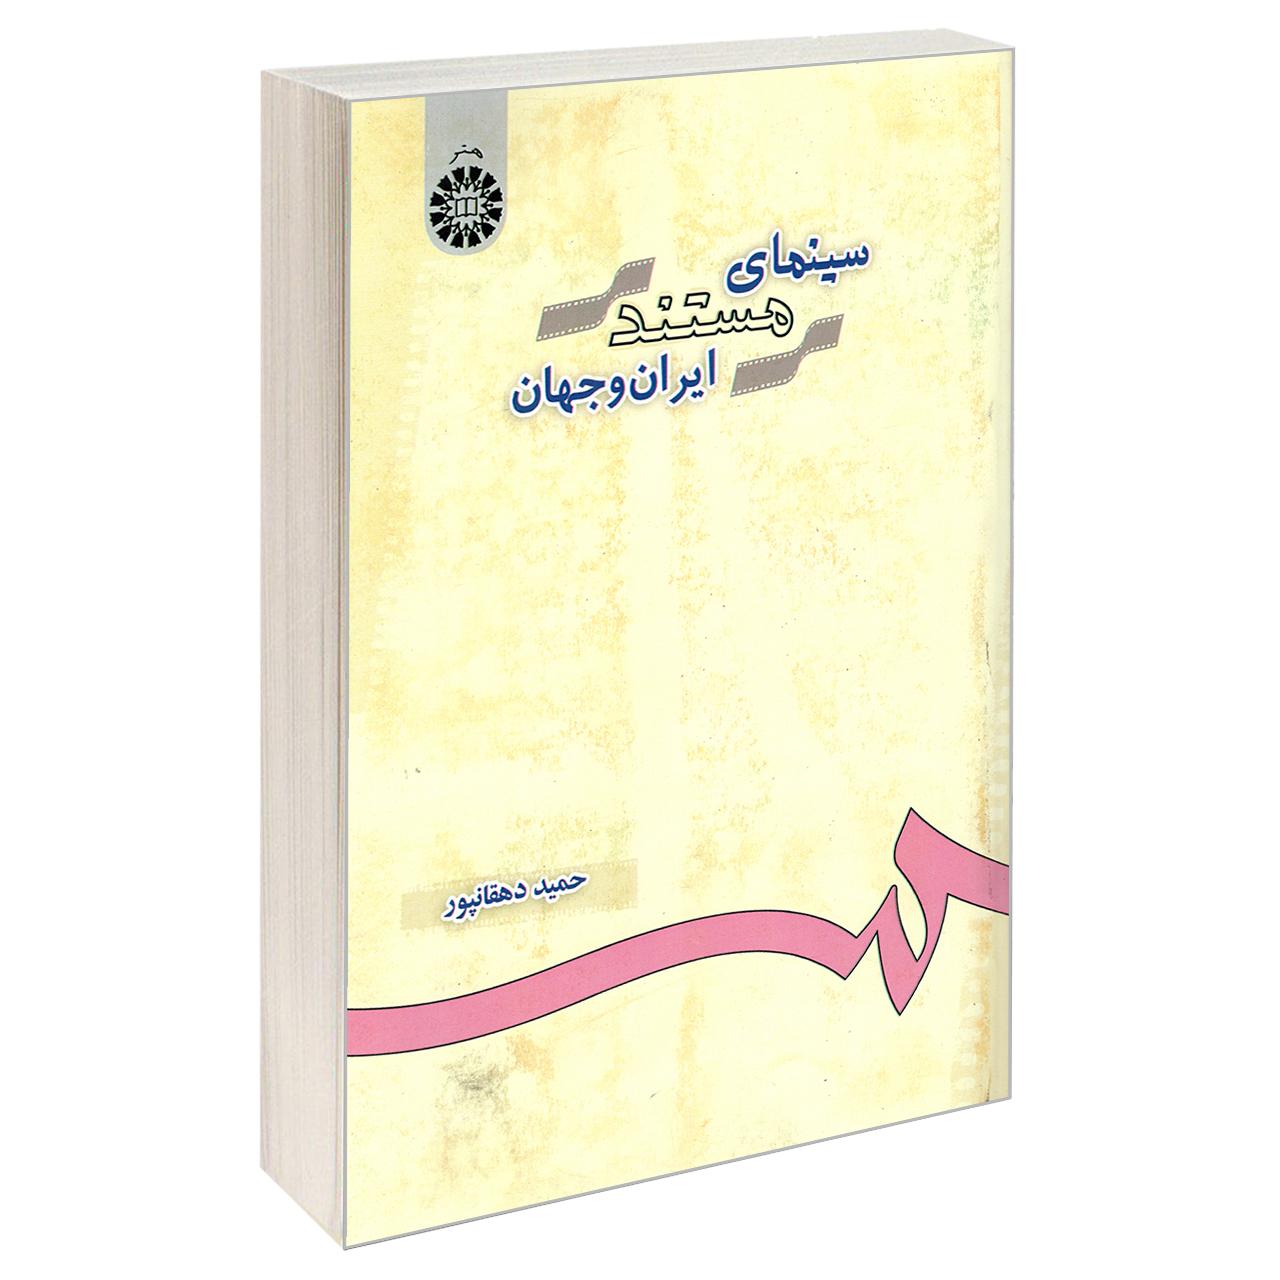 کتاب سینمای مستند ایران و جهان اثر حمید دهقانپور نشر سمت